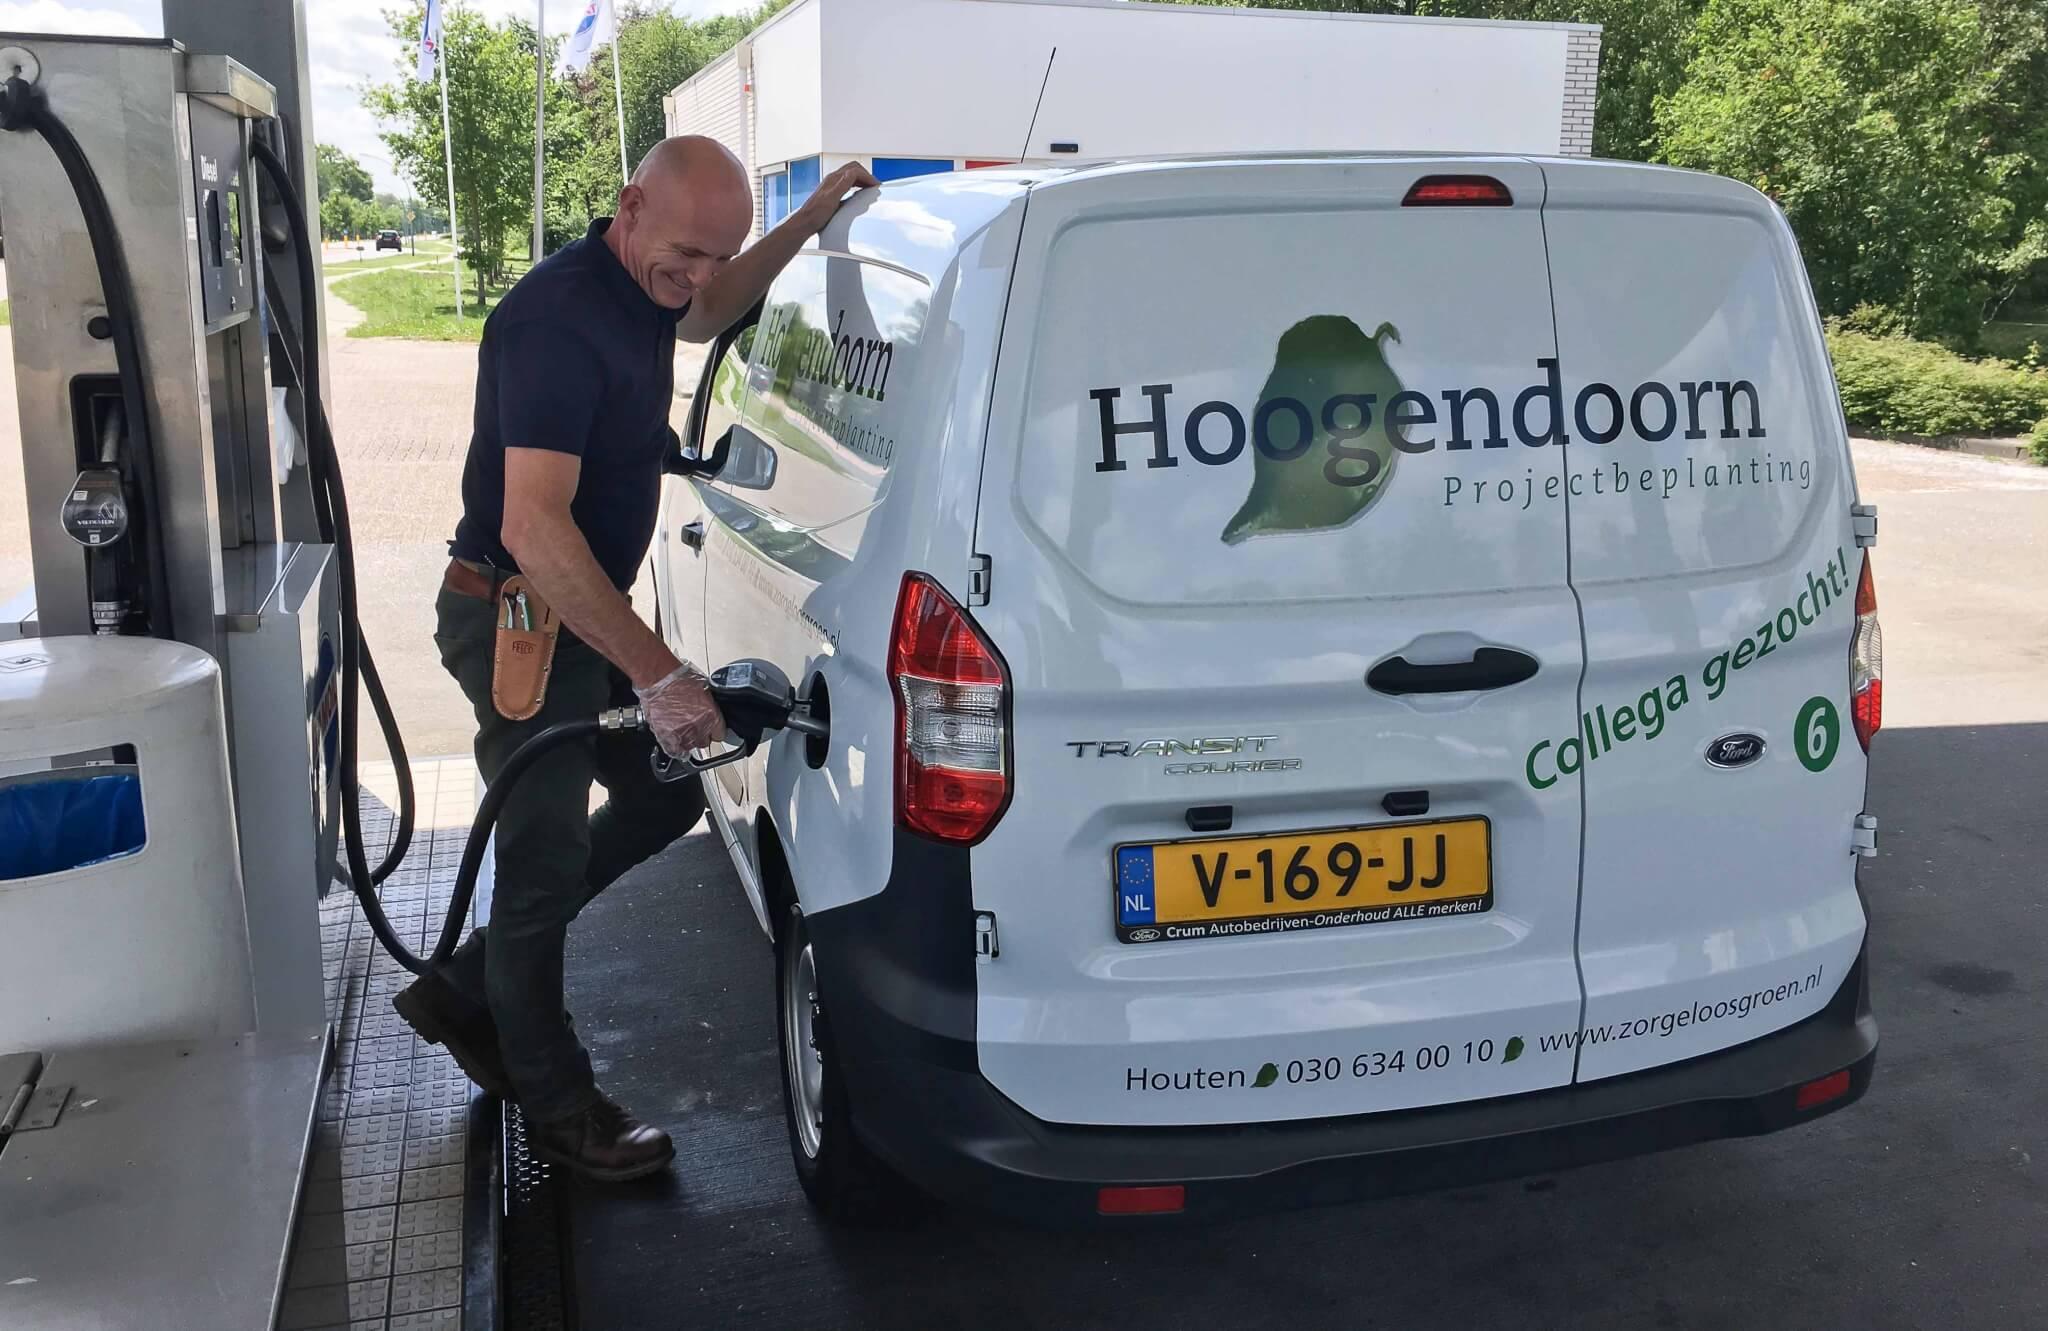 Hans Kemmere Hoogendoorn Projectbeplanting